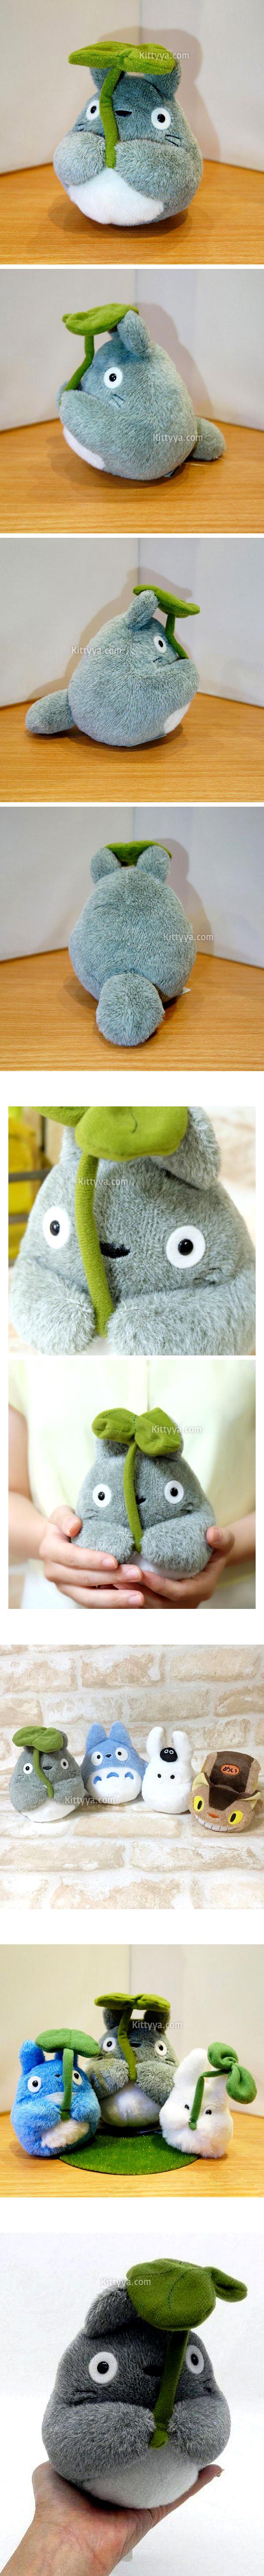 토토로 훈와리 오테다마M 봉제인형 (잎사귀우산) - 키티야, 41,200원, 장식소품, 기타 소품